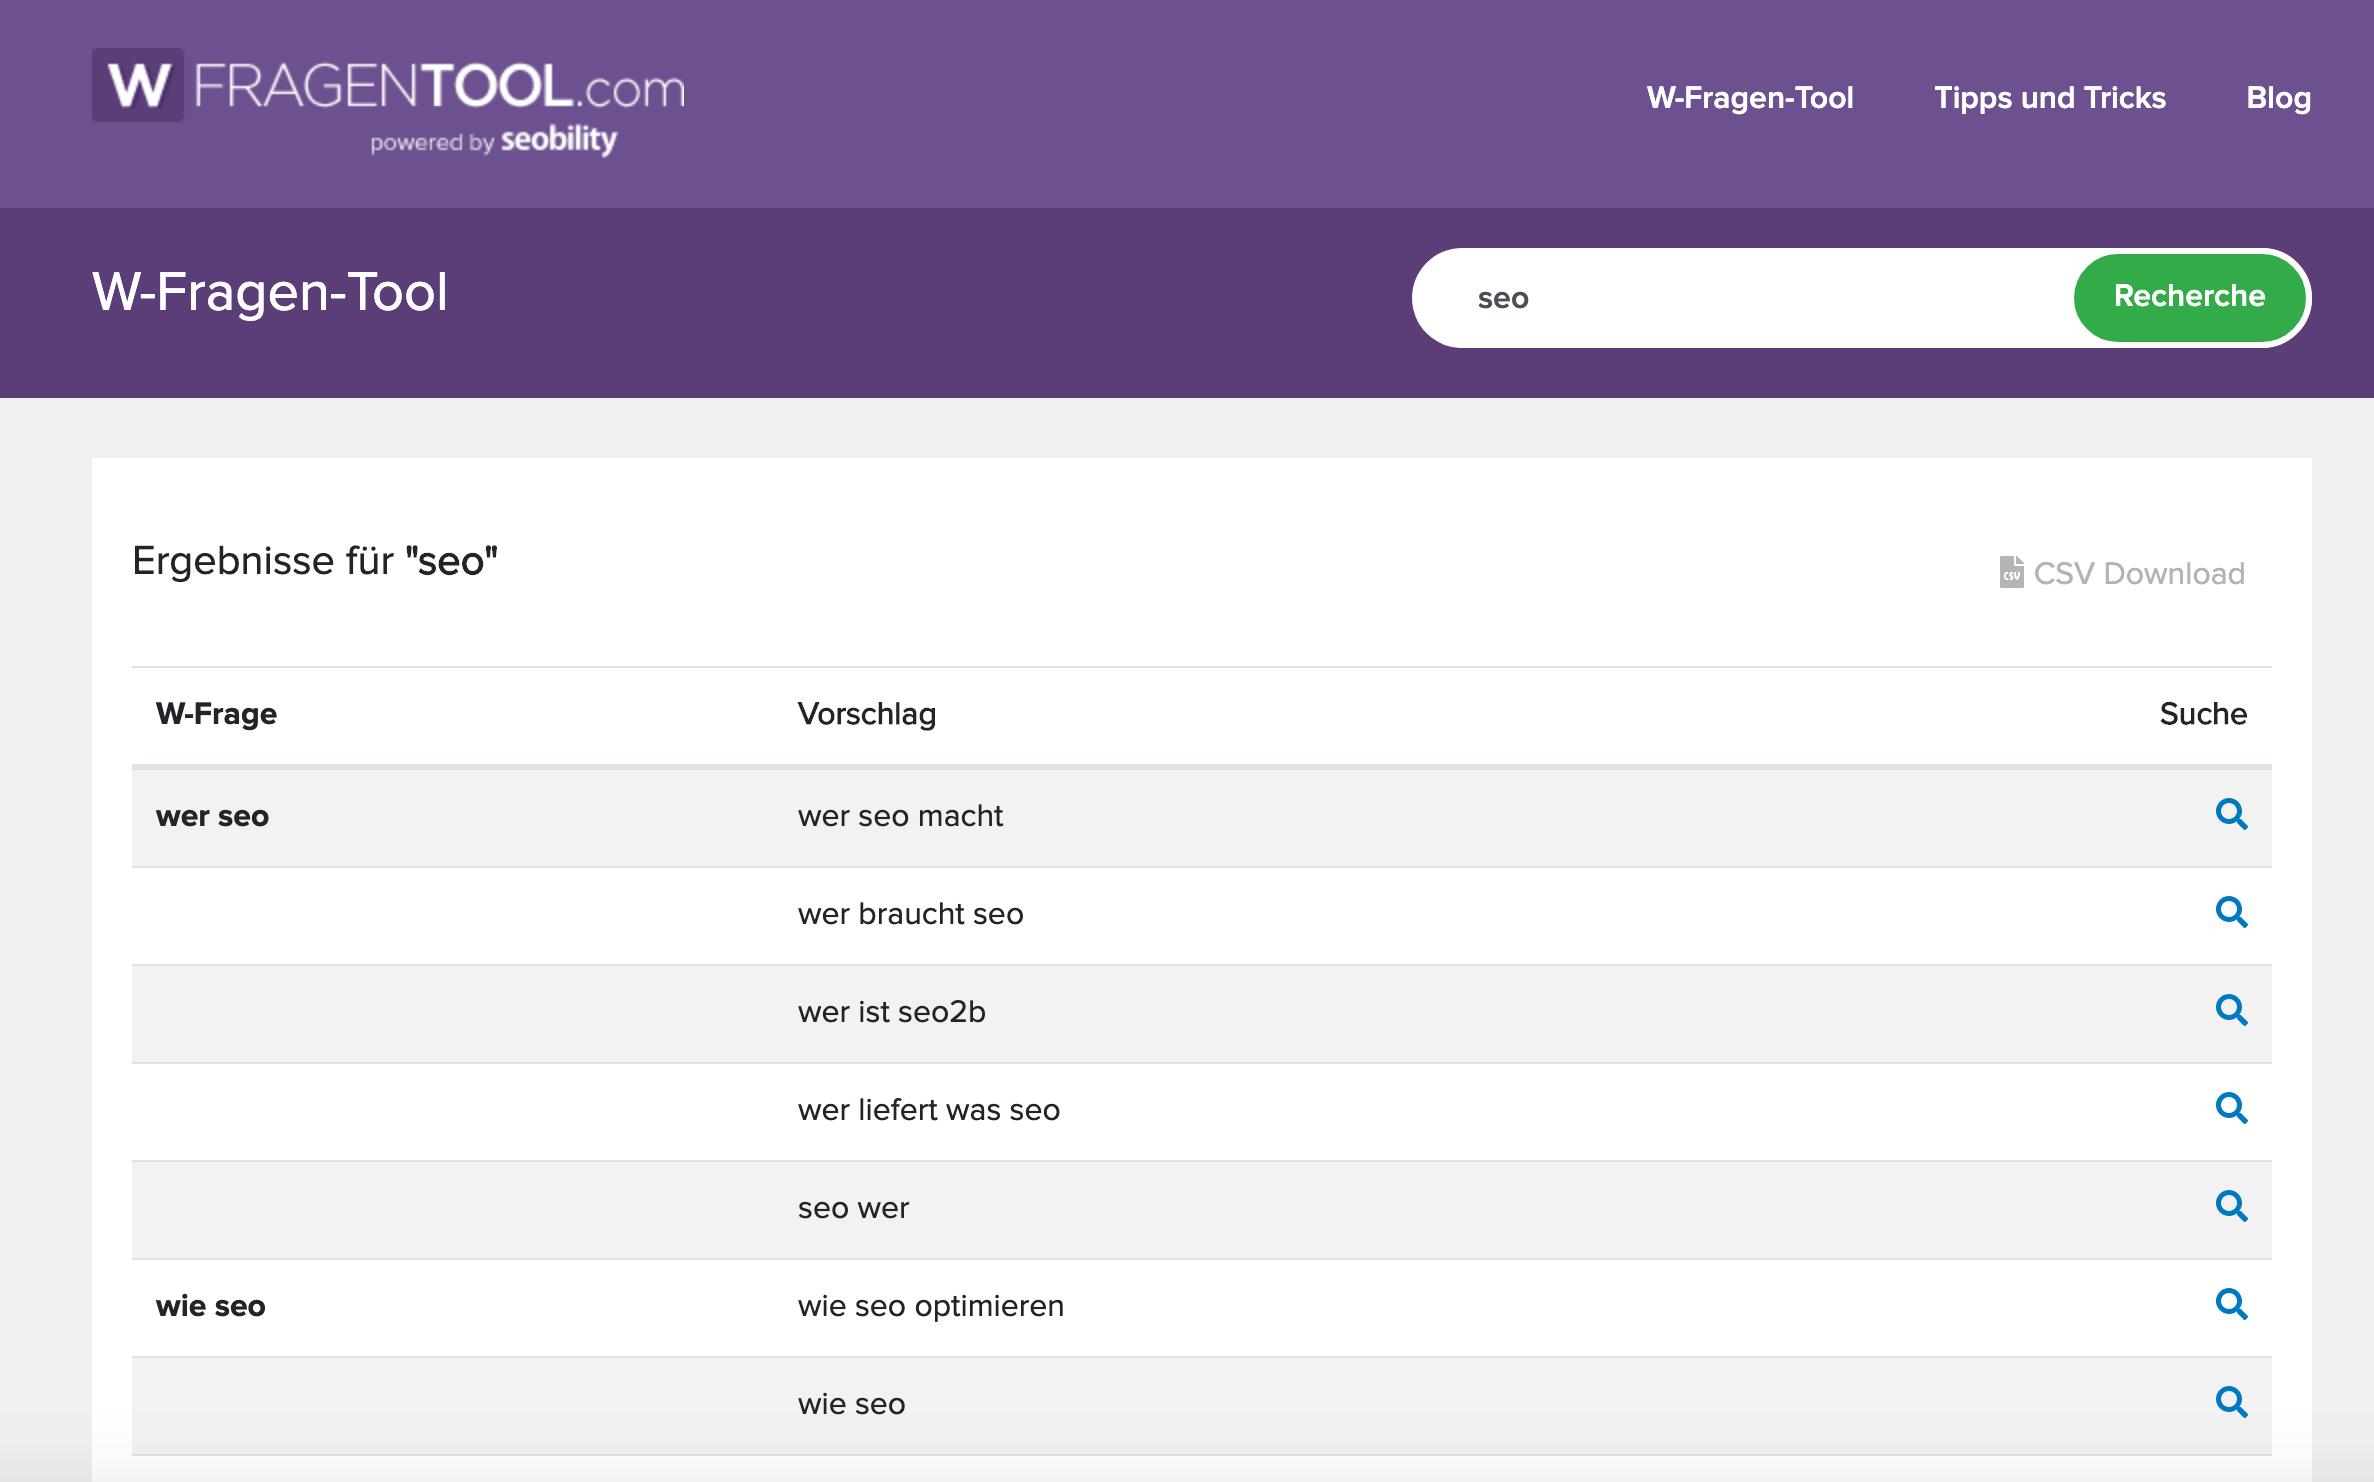 Das Ergebnis des W-Fragen-Tool zum Keyword »SEO«